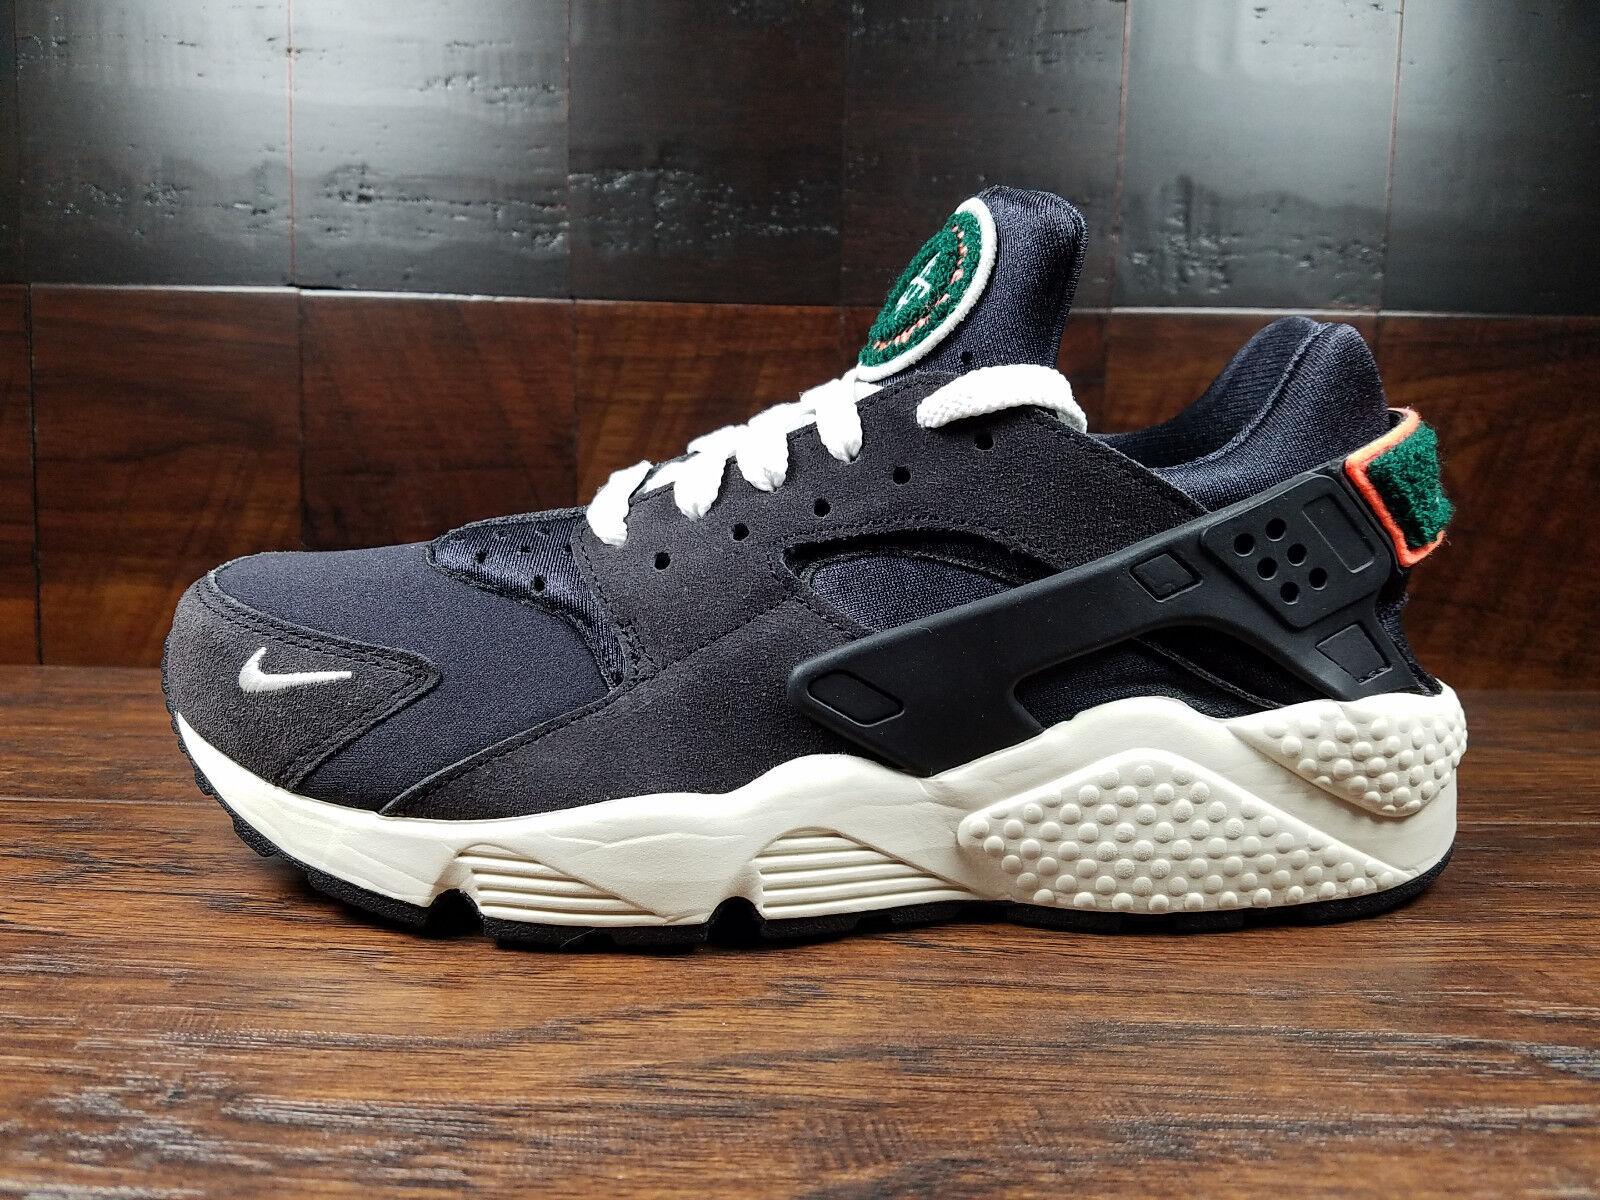 Nike Air Huarache Run Premium (Oil Grey Sail-Rainforest) 704830-015 MENS 8-12